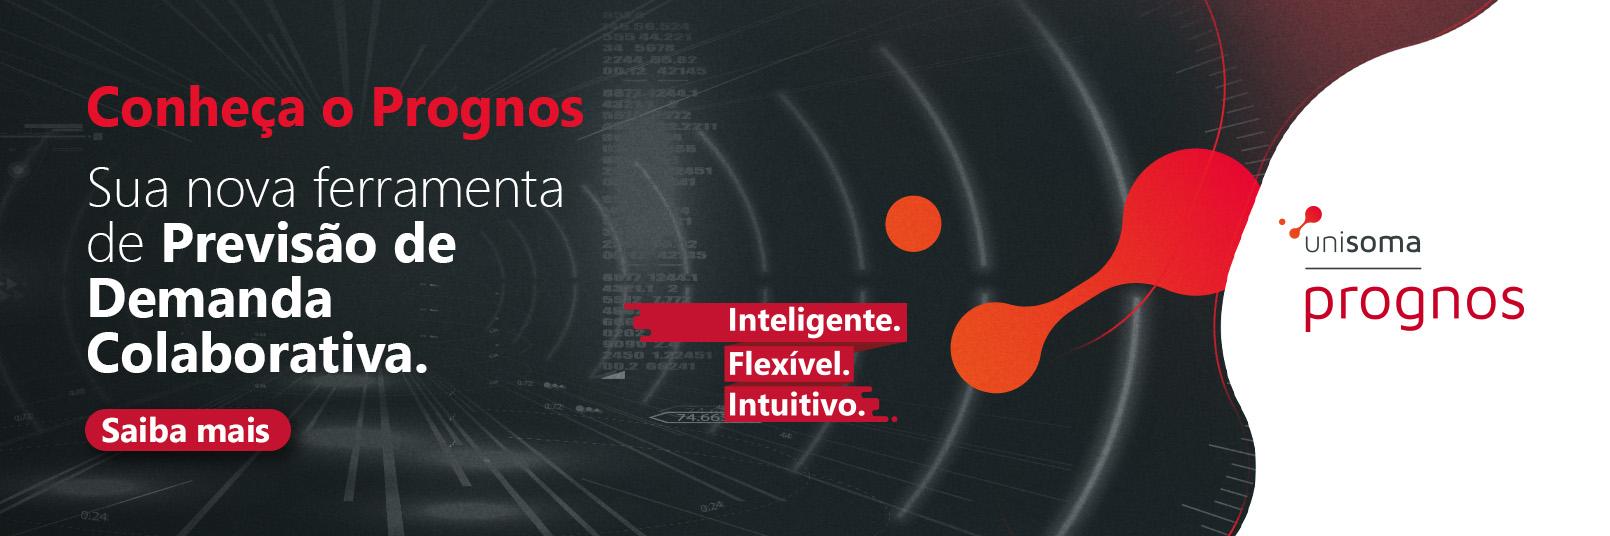 unisoma-solucoes-inteligencia-artificial-home-banner-prognos